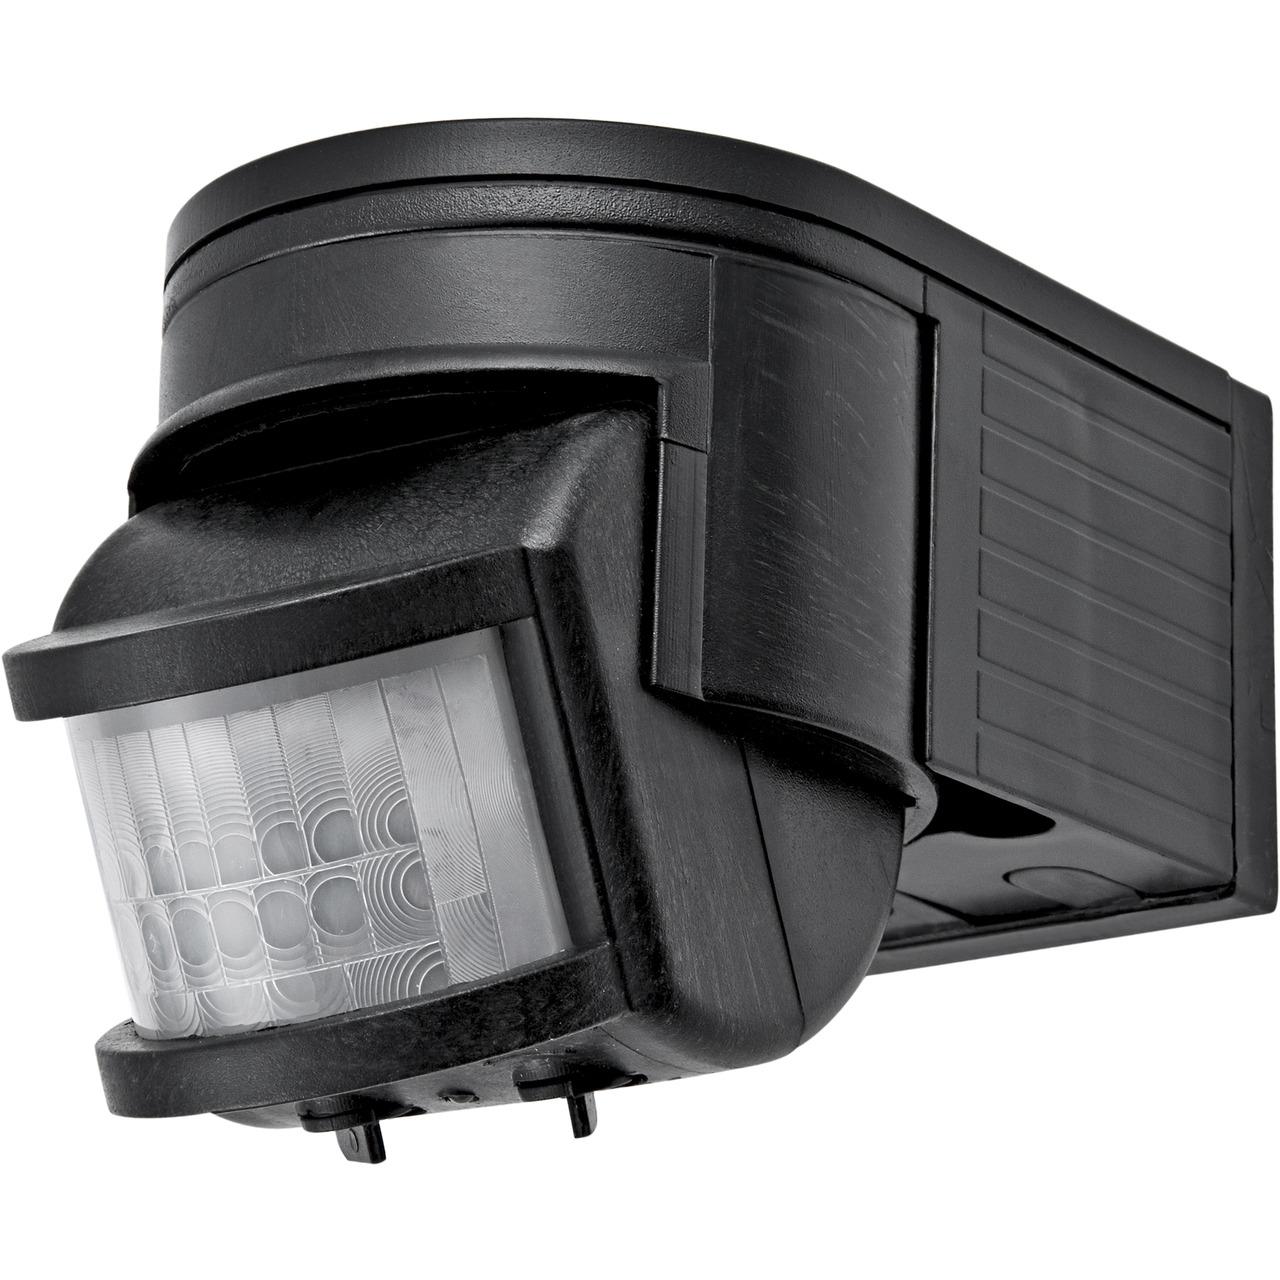 HEITRONIC SALO 180° Bewegungsmelder- schwarz- LED-geeignet